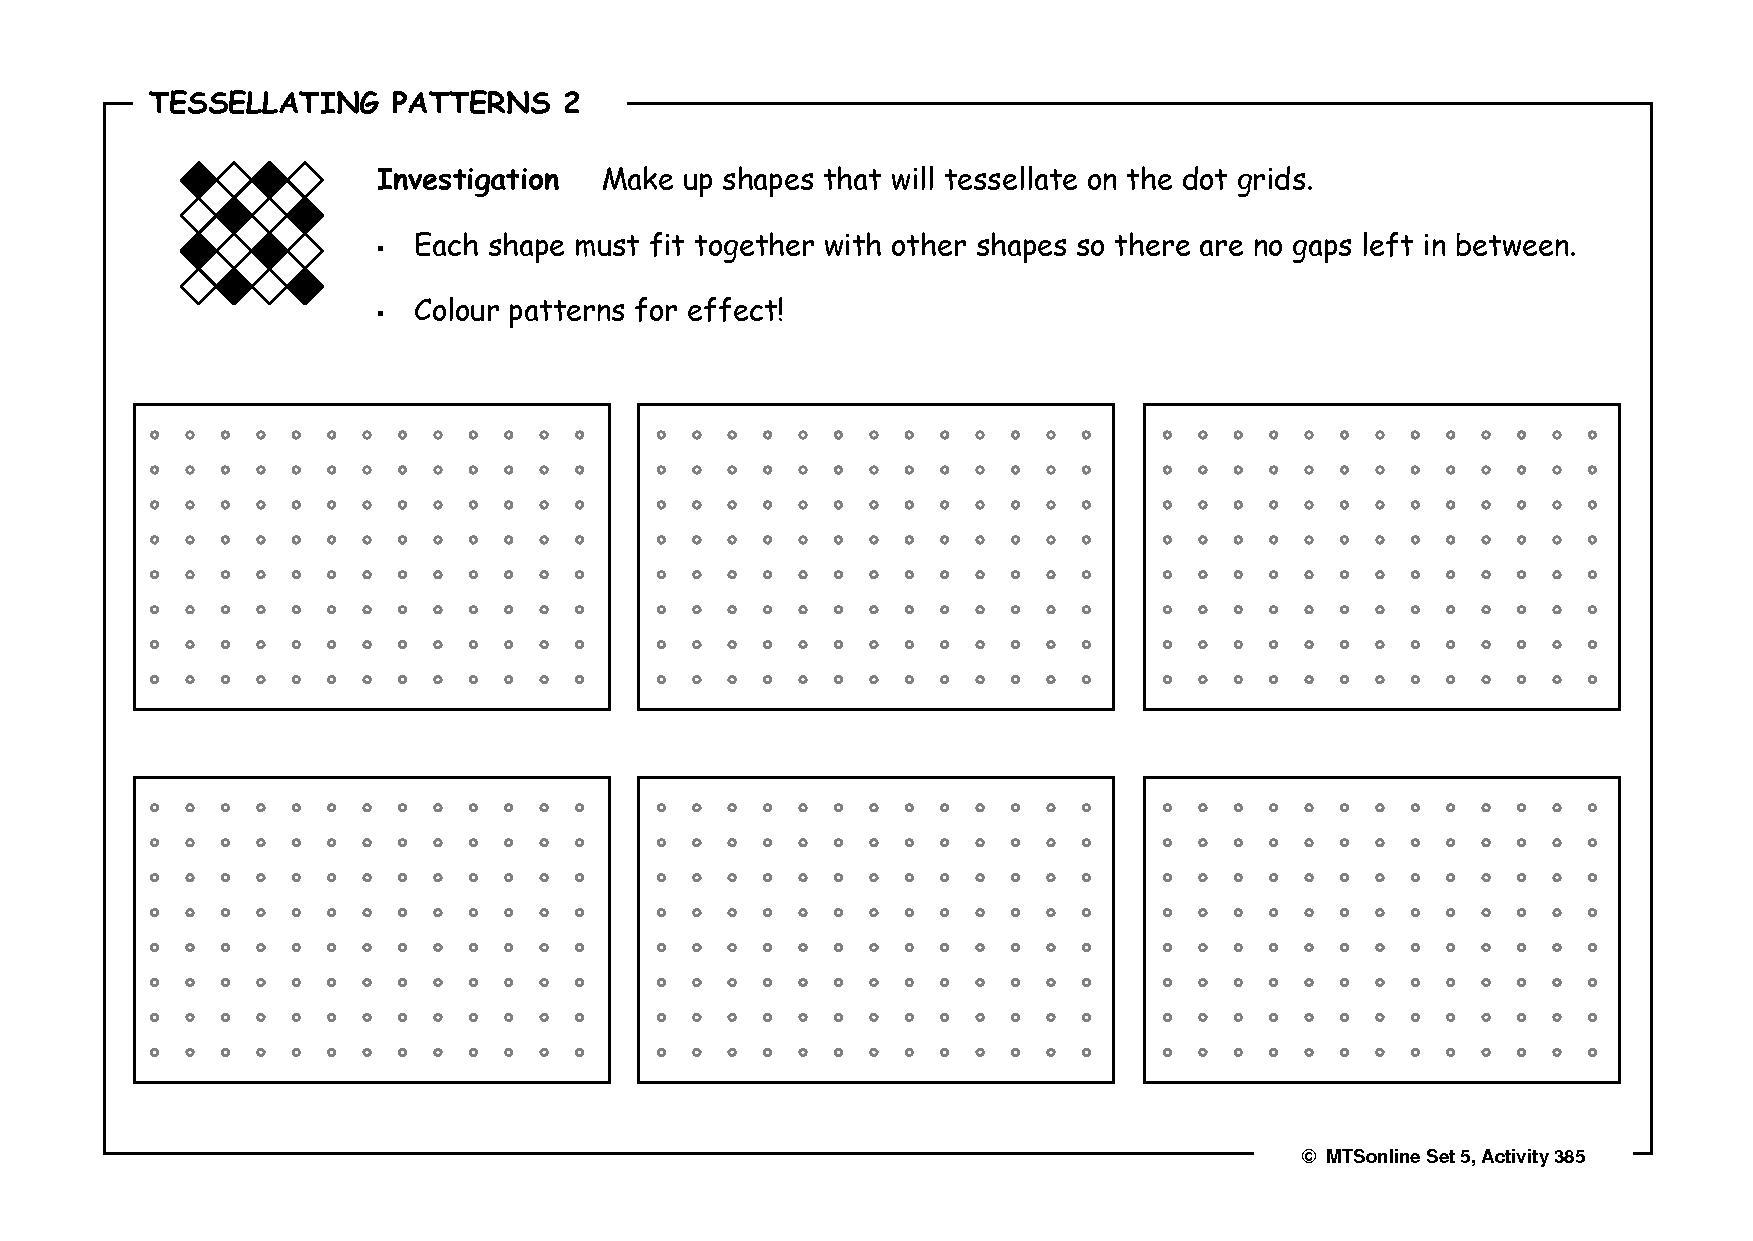 385tessellating_patterns_20001